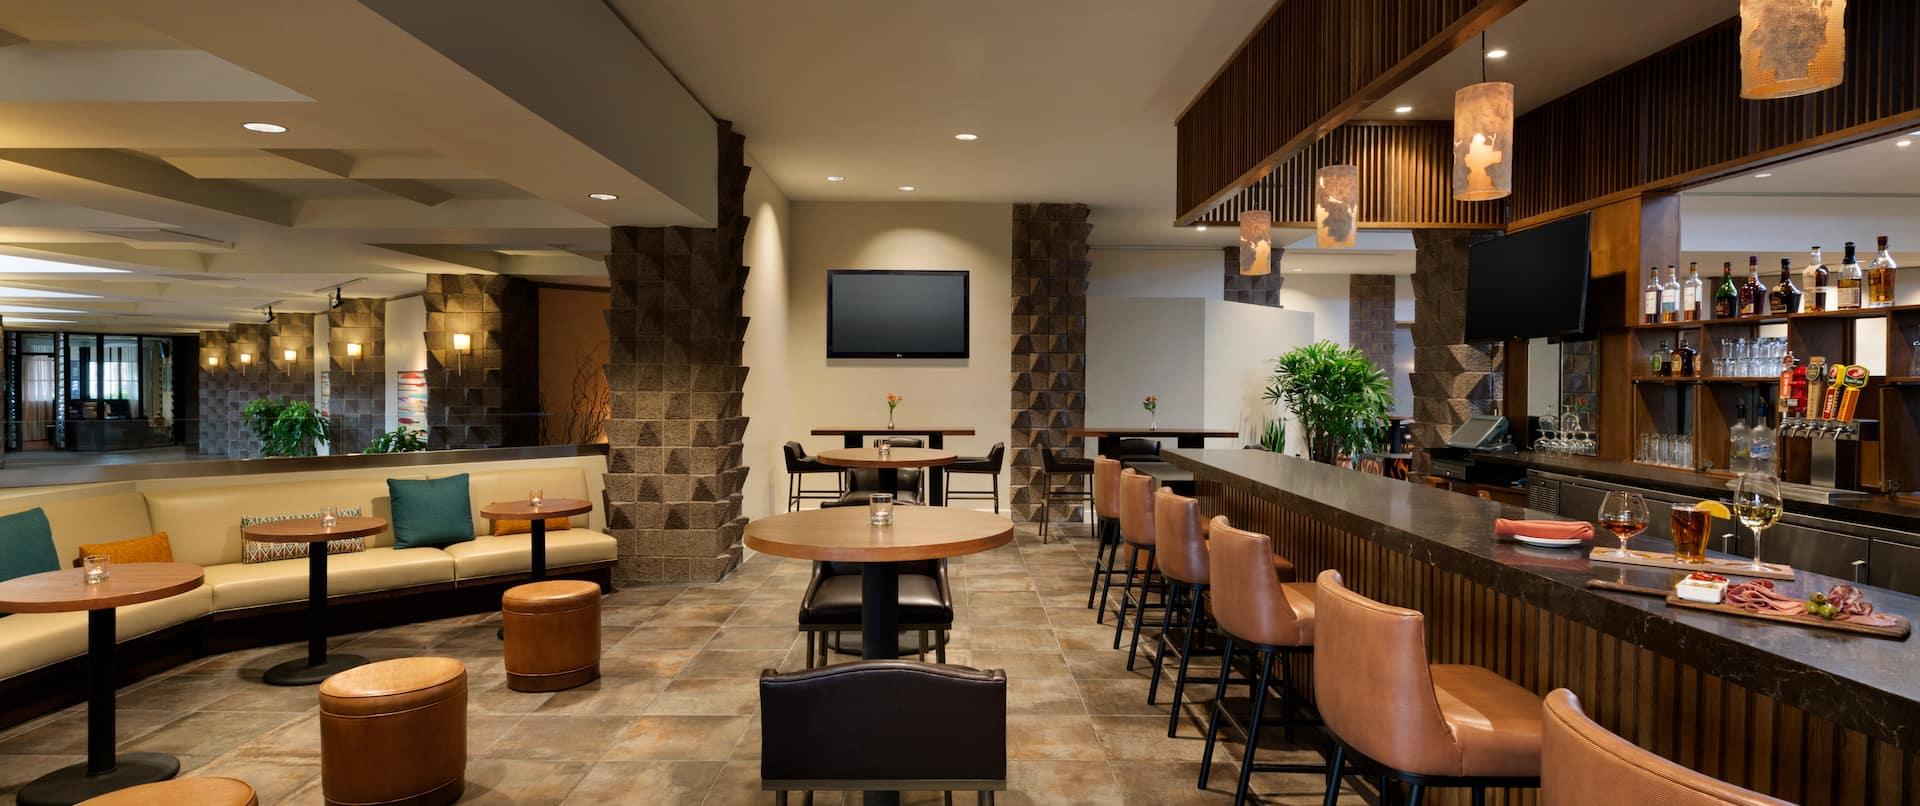 Lounge Seating, Cocktail Tables, TV, and Counter Seating at Well-Stocked Bar at Asadero Cocina & Cantina